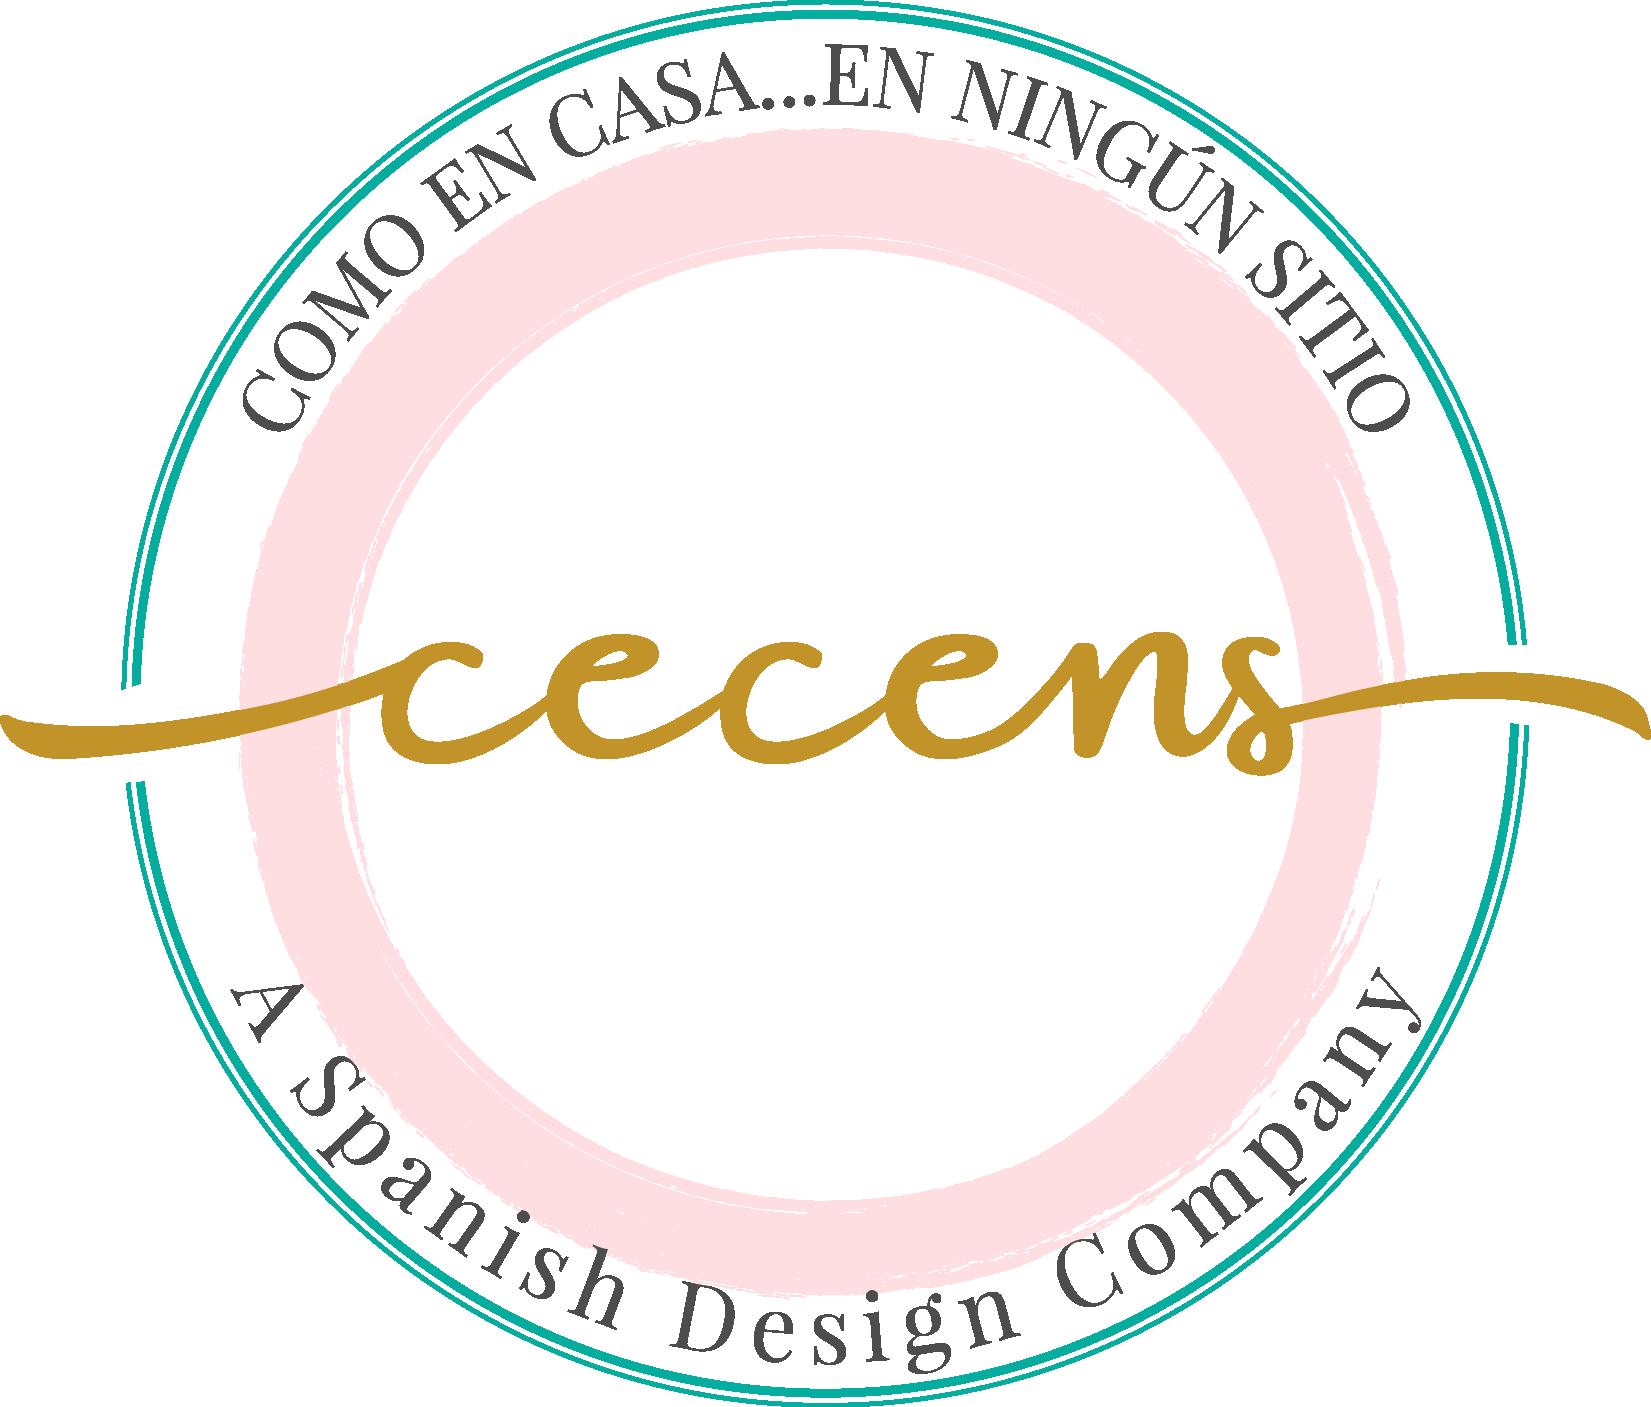 WEB DE CECENS